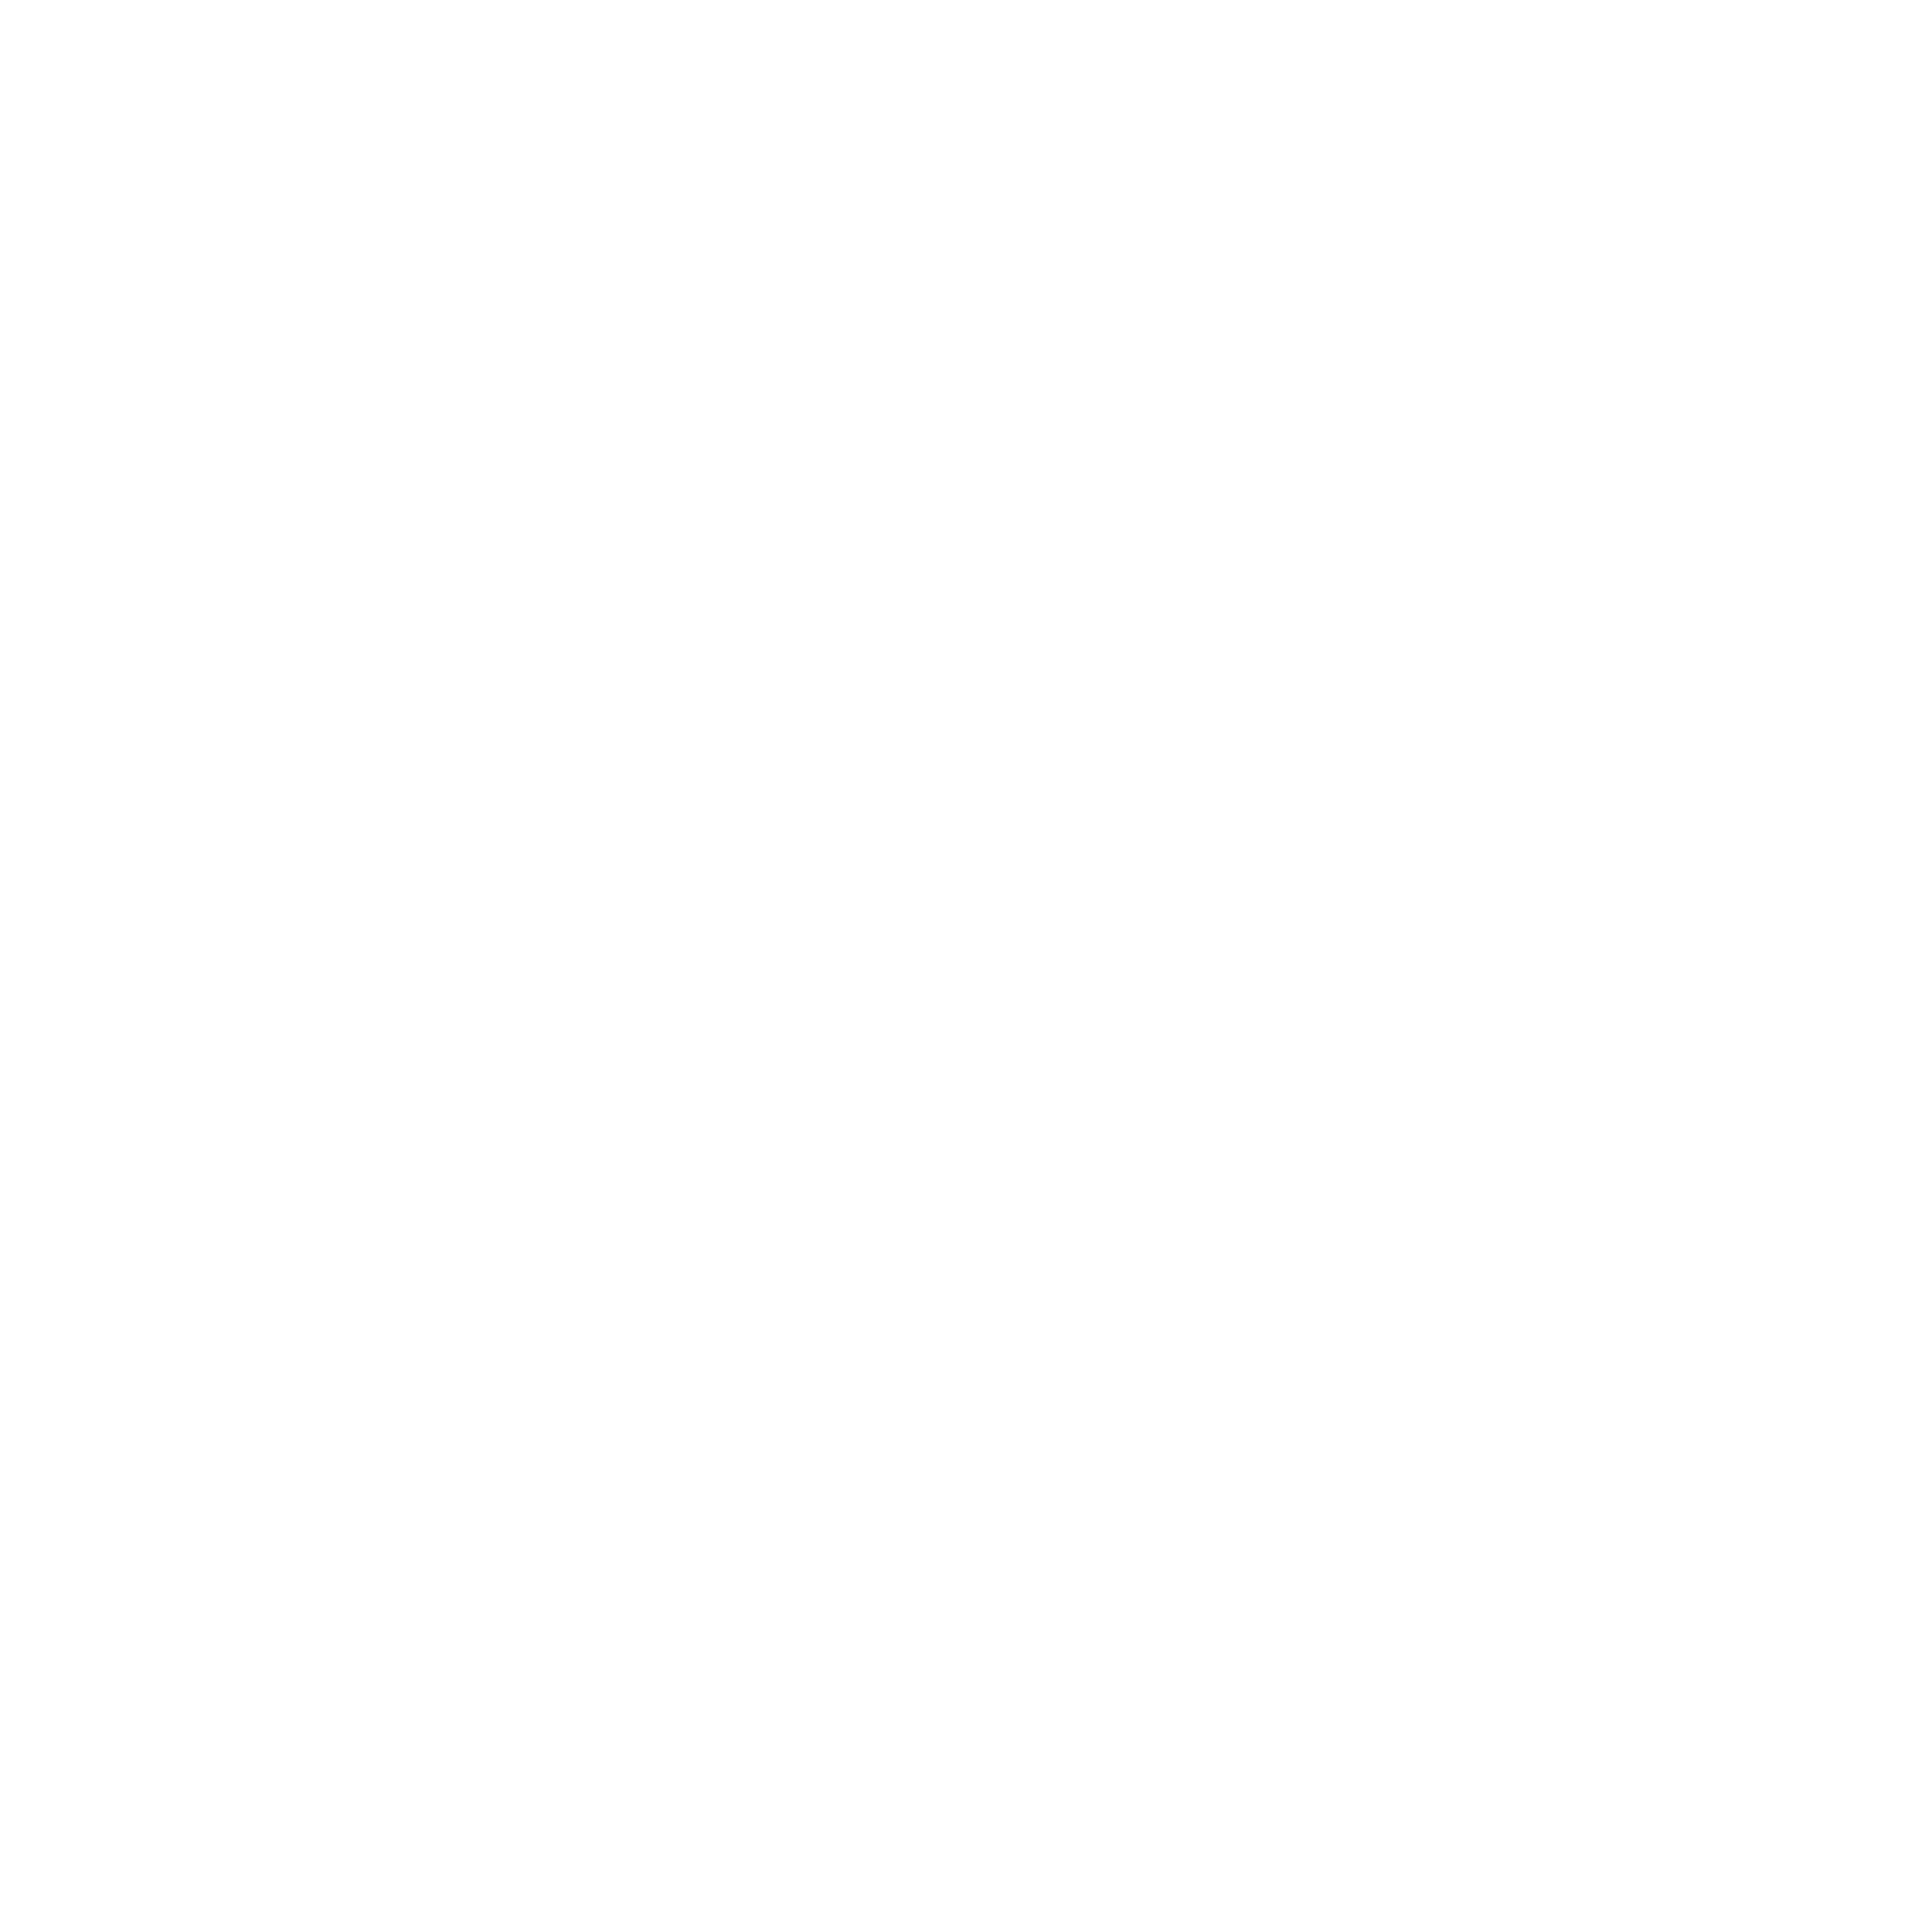 Igg_fundedwithbadges_whiteoutlined_rgb